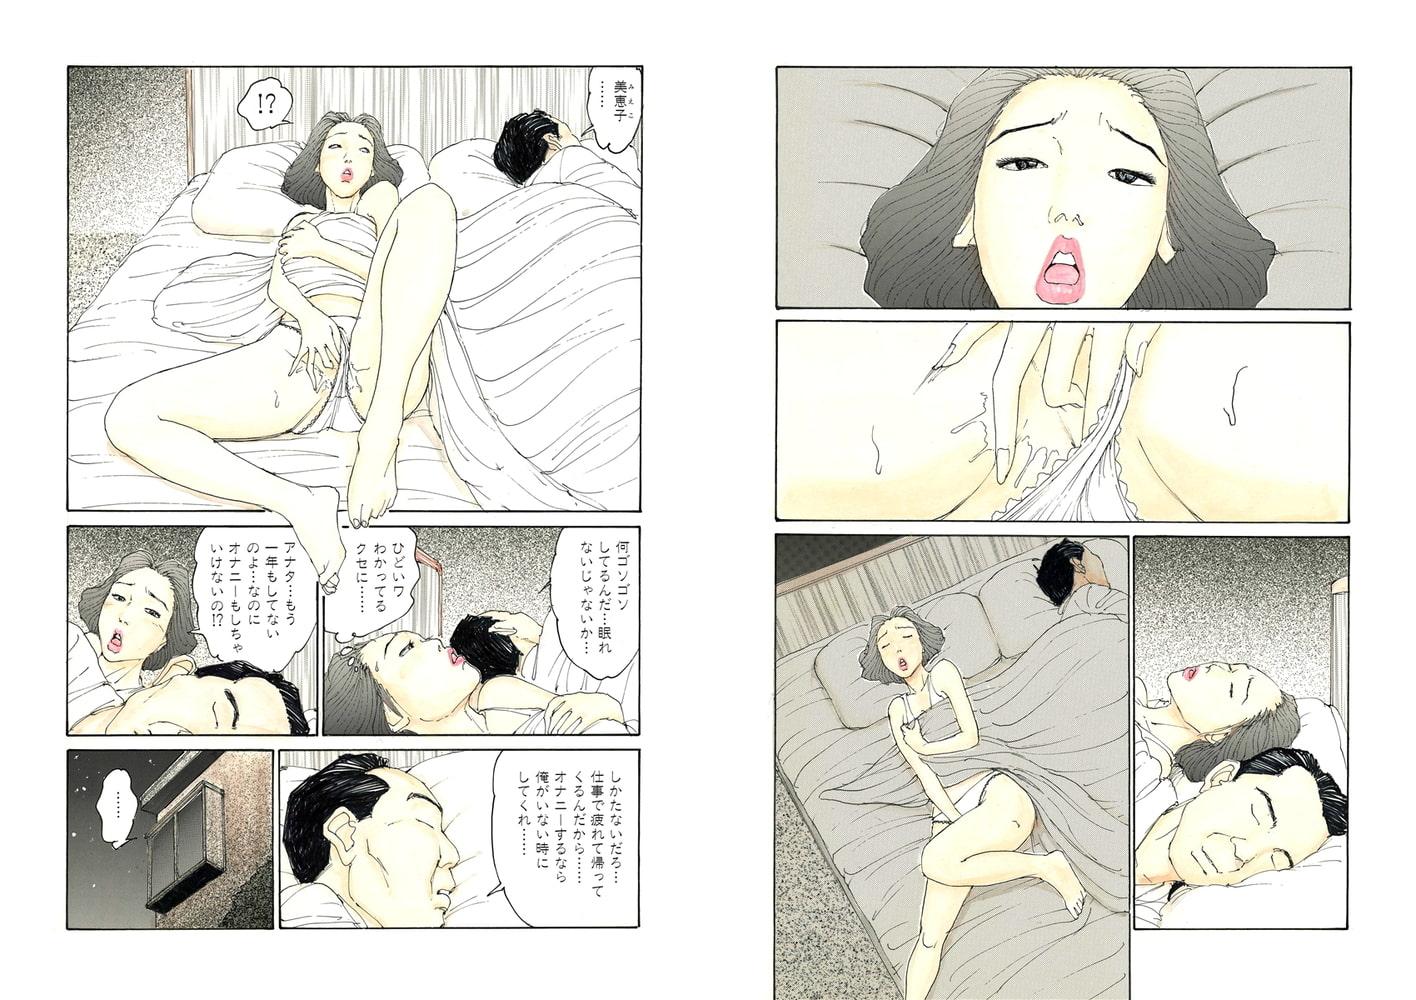 貞淑インモラル2